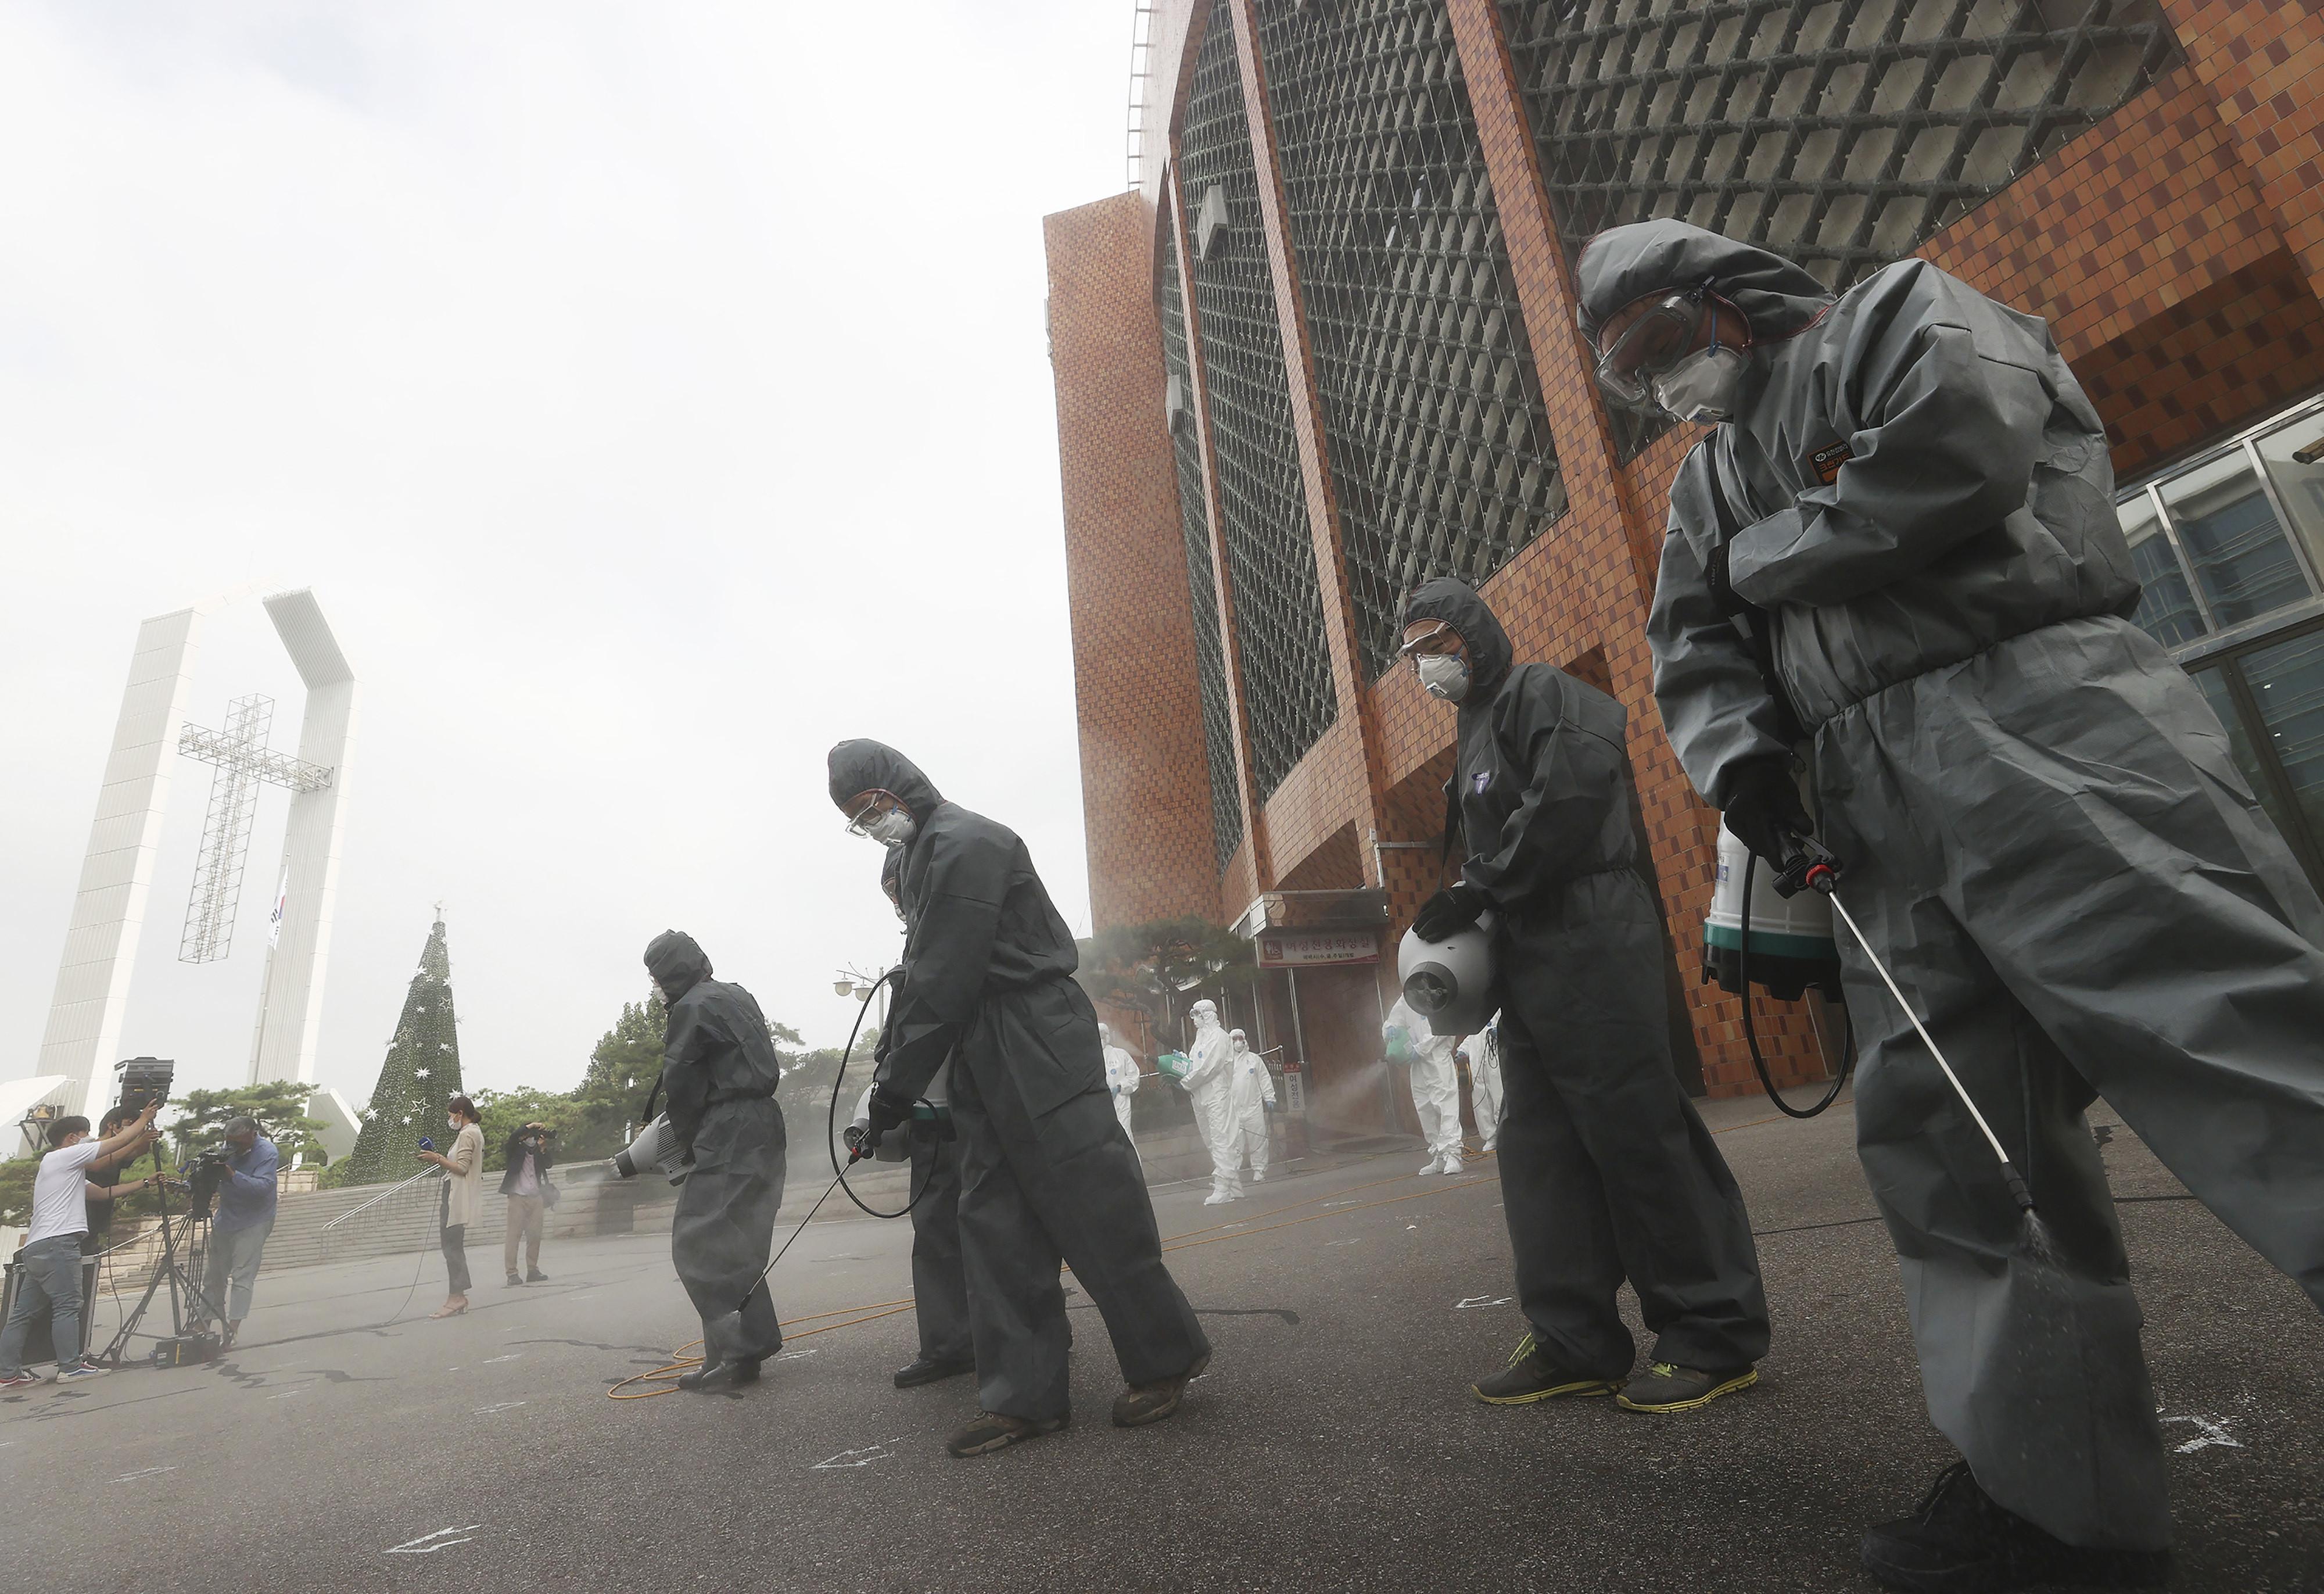 ▲▼群聚感染激增,防疫人員為首爾汝矣島純福音教會實施消毒工作。(圖/達志影像/美聯社)